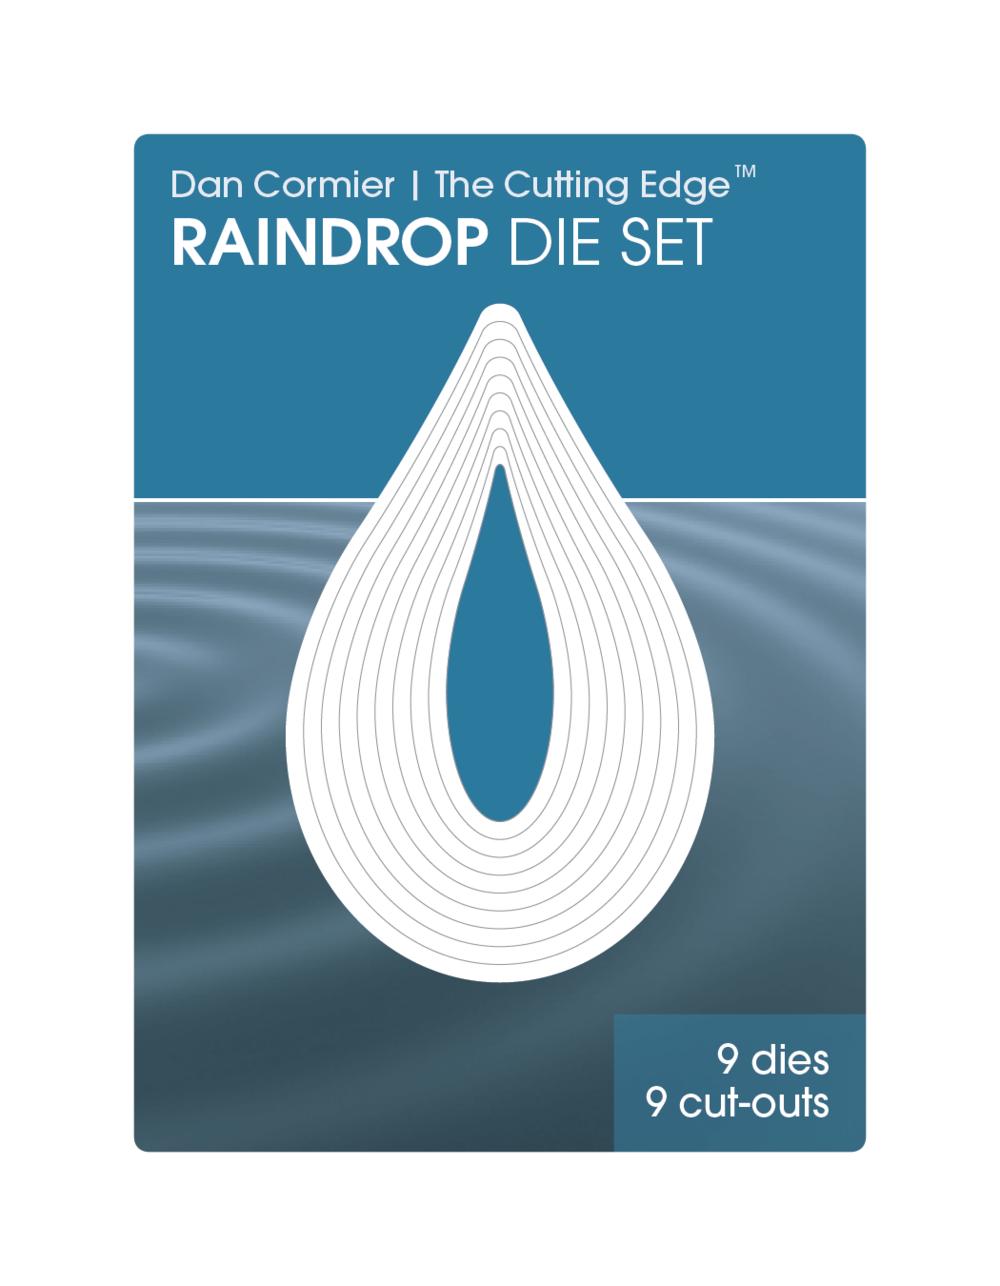 BG_Raindrop.jpg